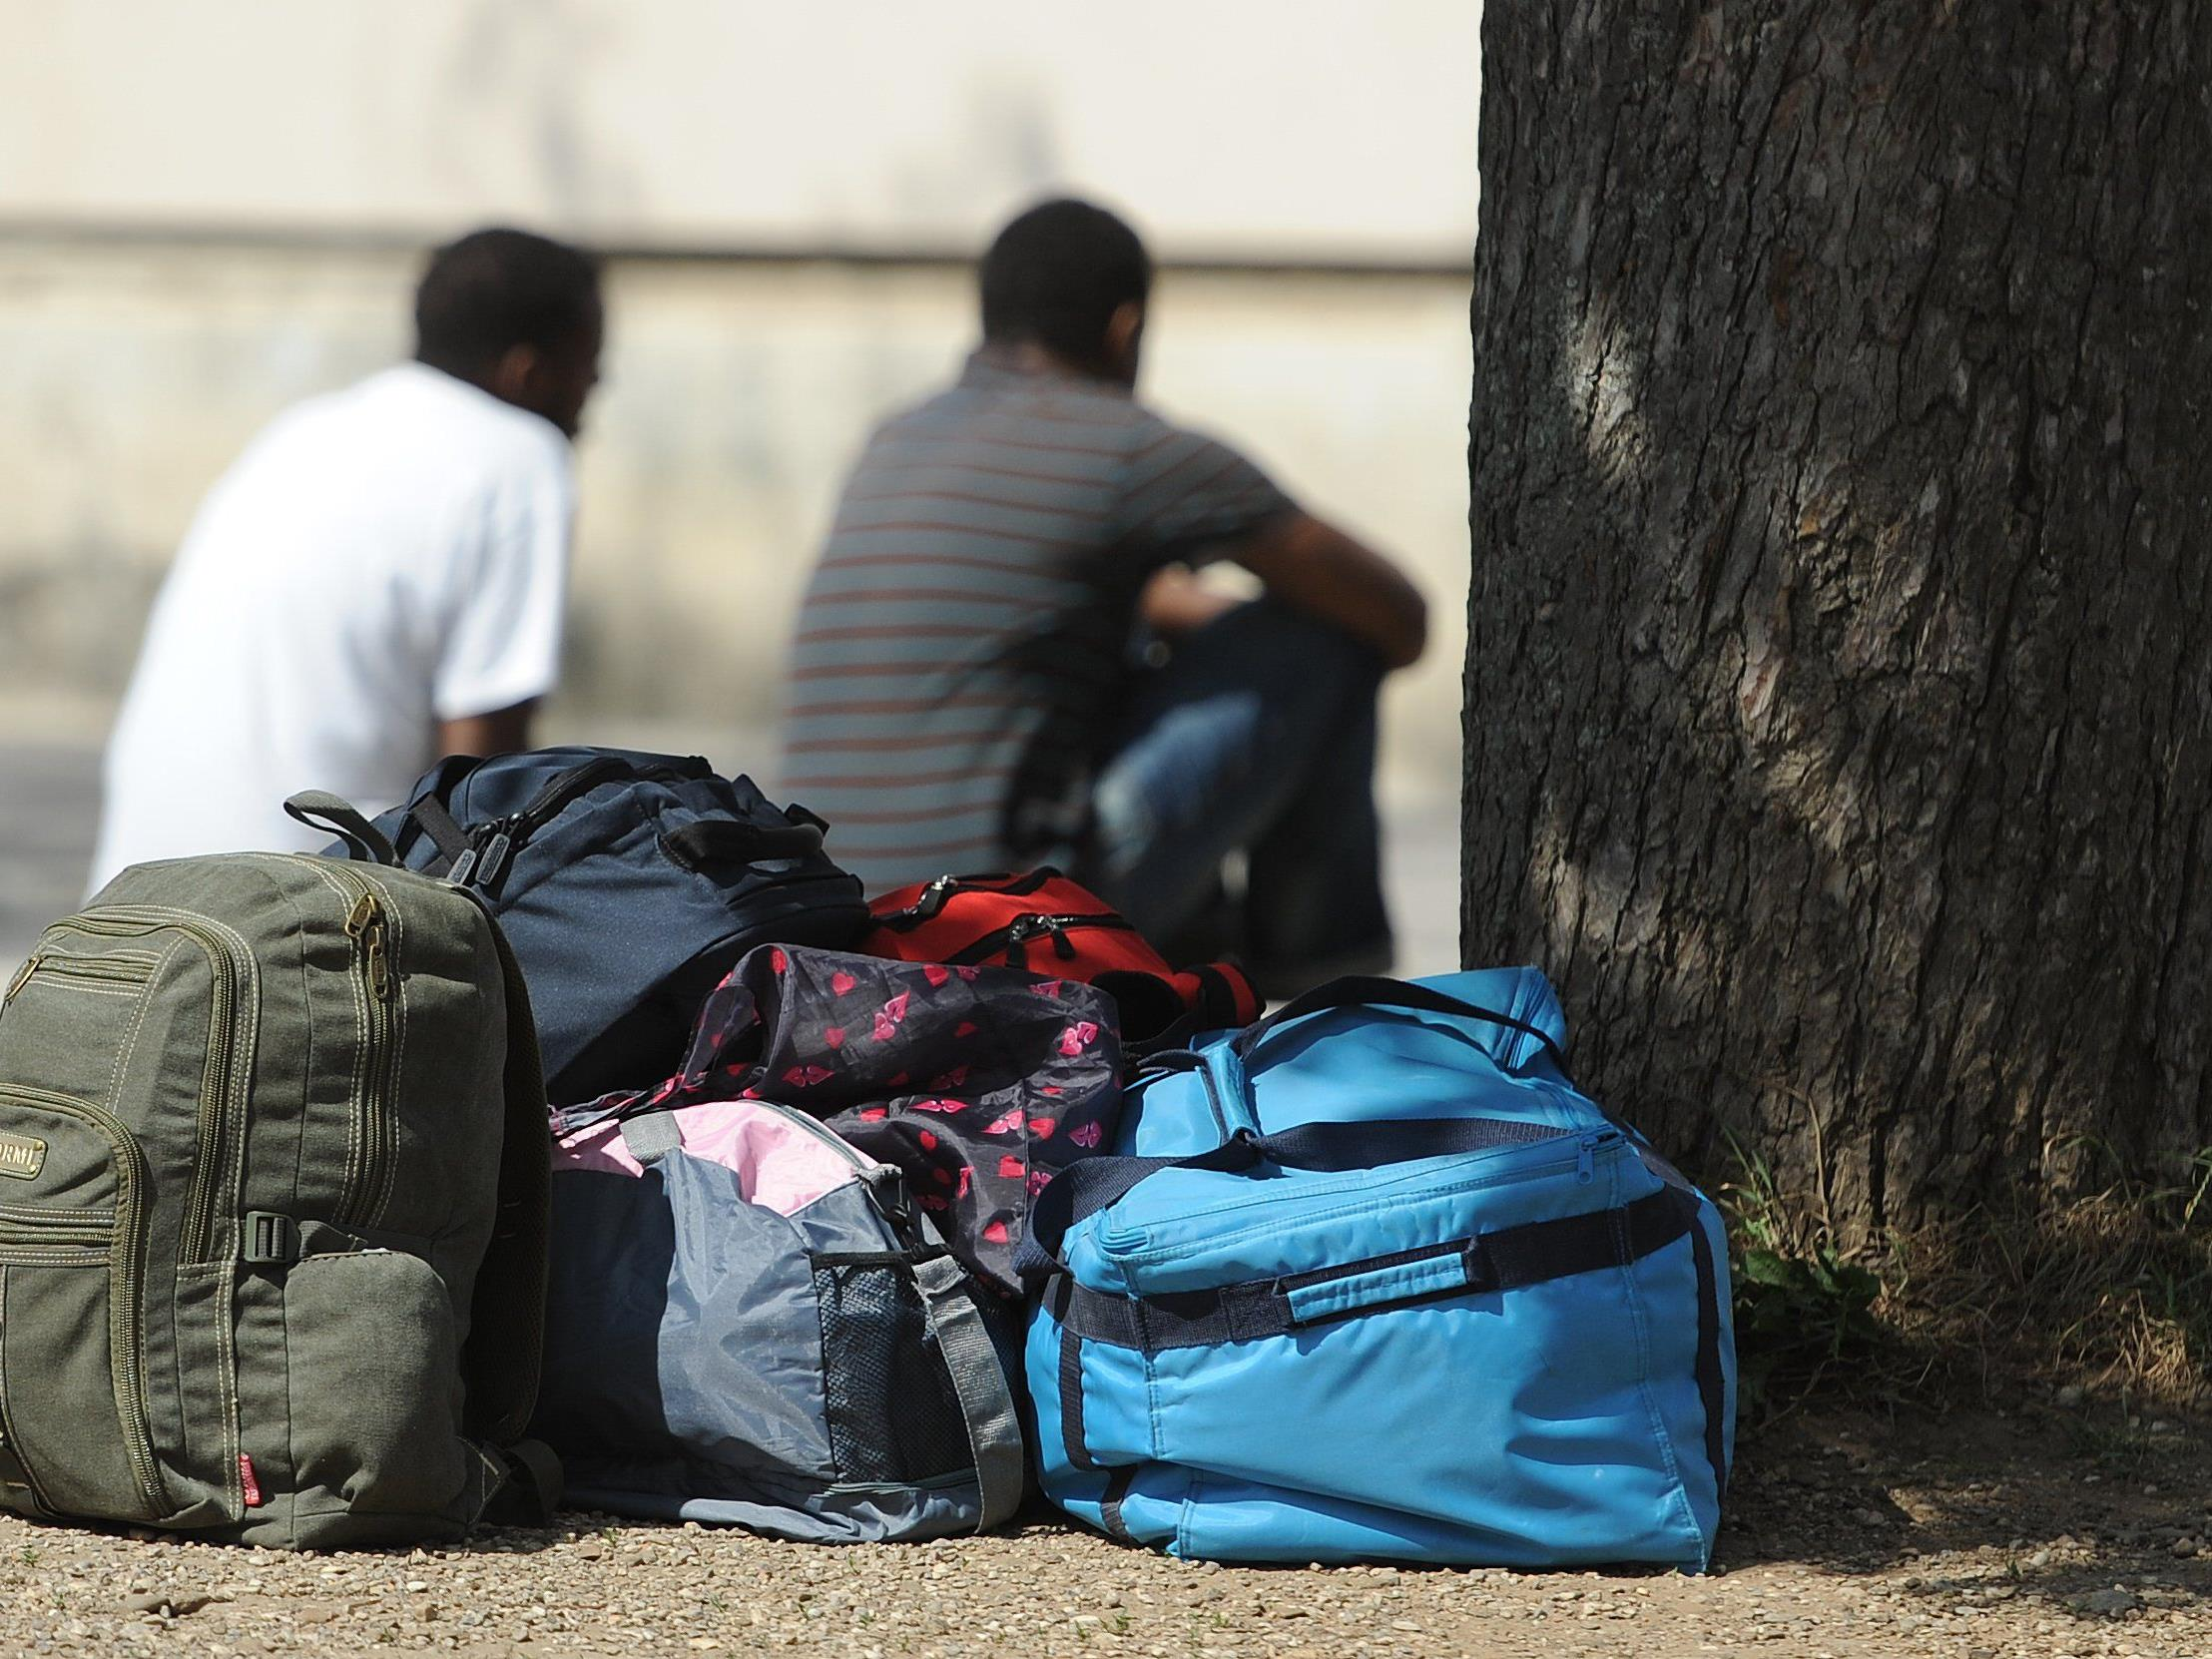 Sollen mehr Asylwerber aufgenommen werden?